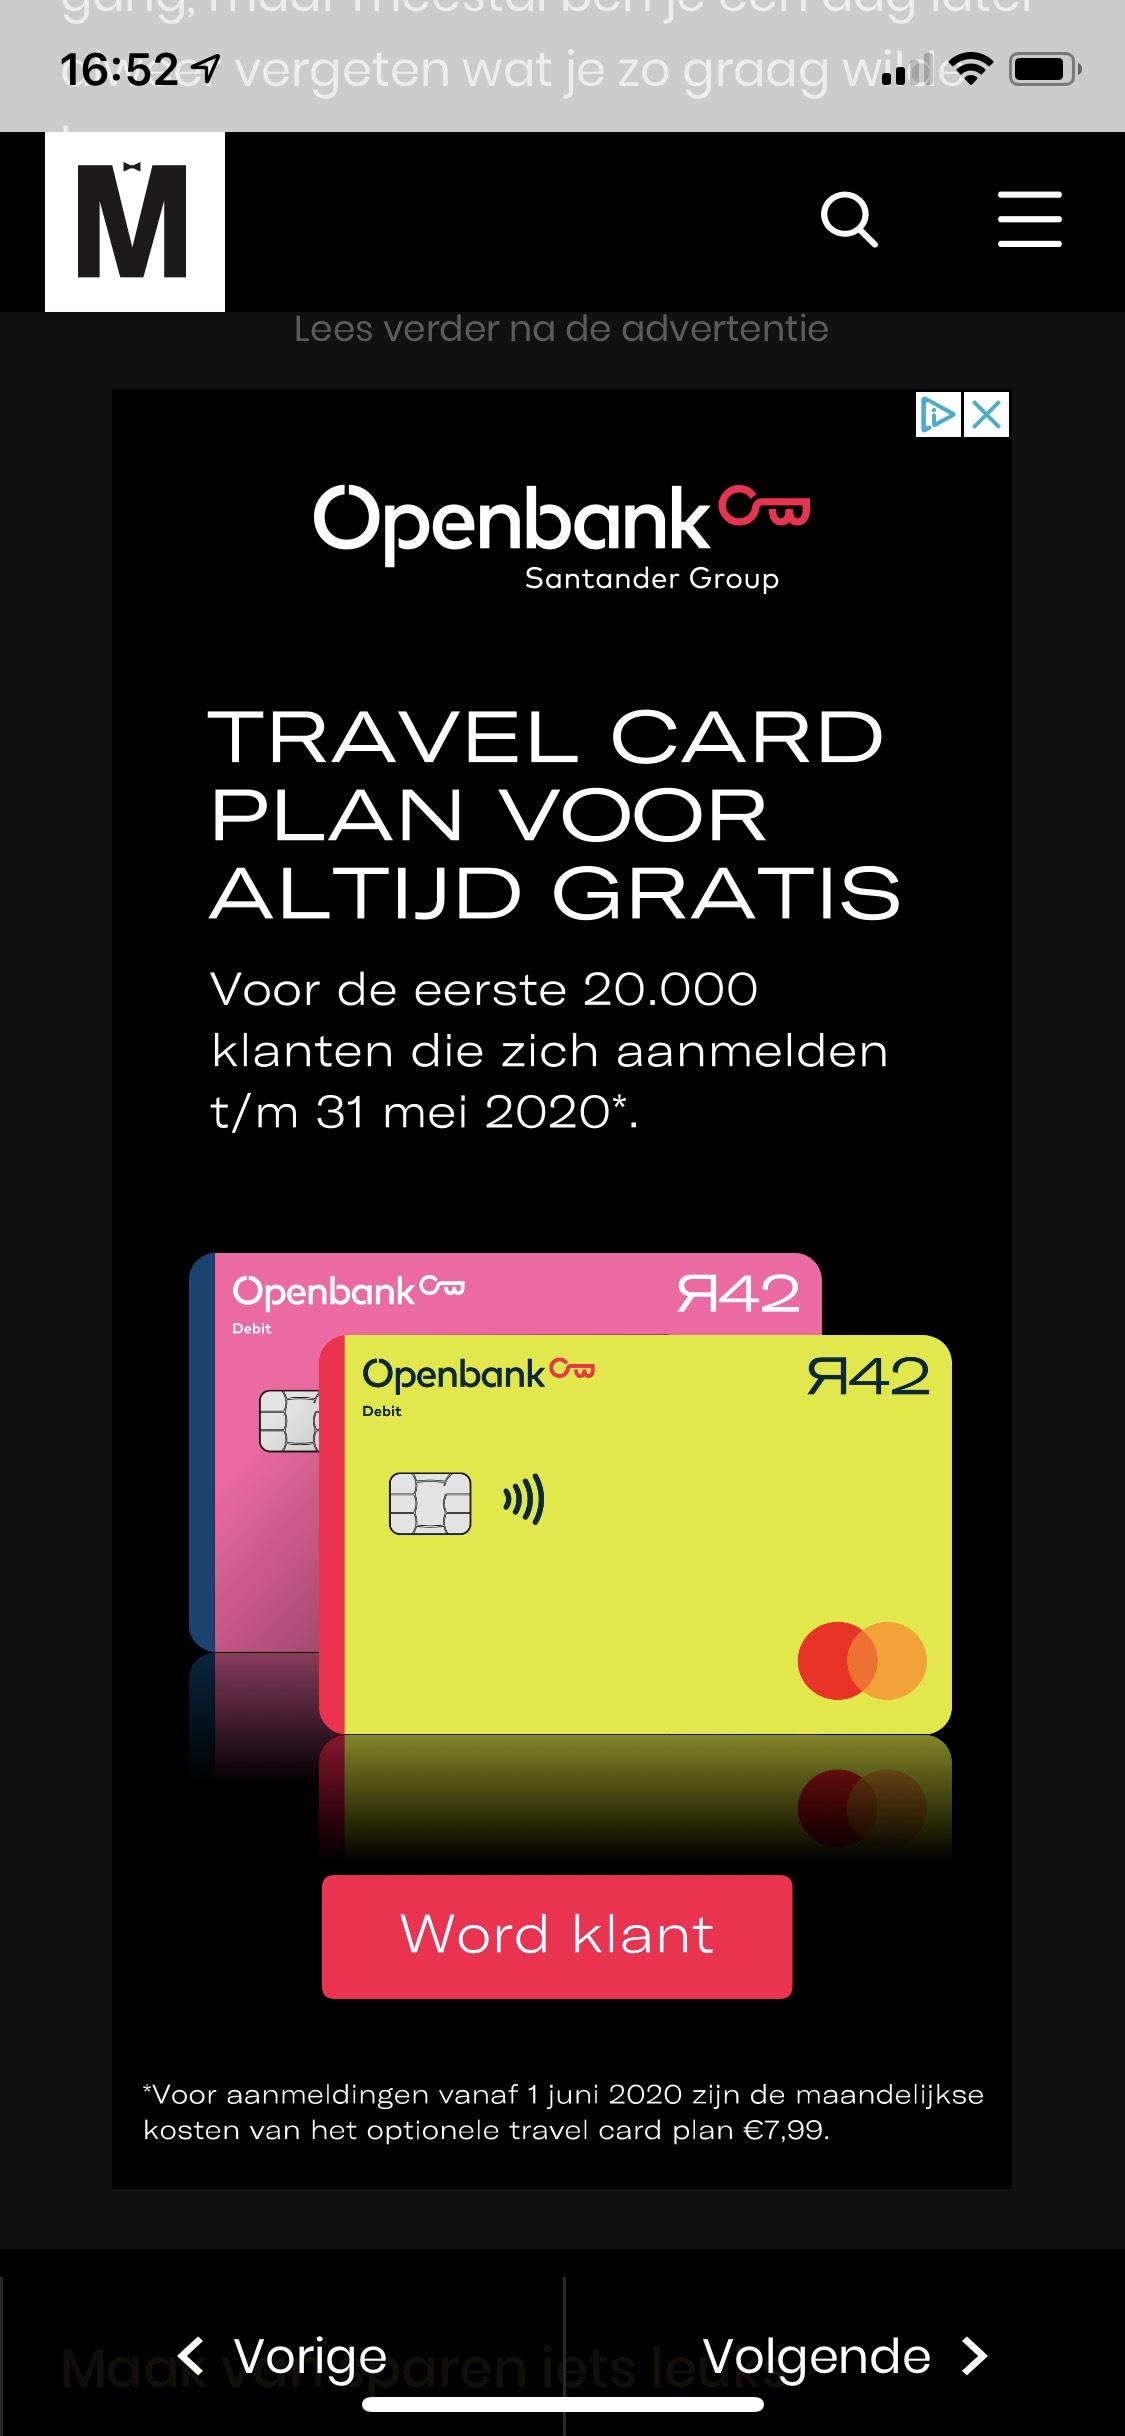 Nieuw! Travel+ nu gratis voor altijd voor eerste 20.000 klanten Openbank